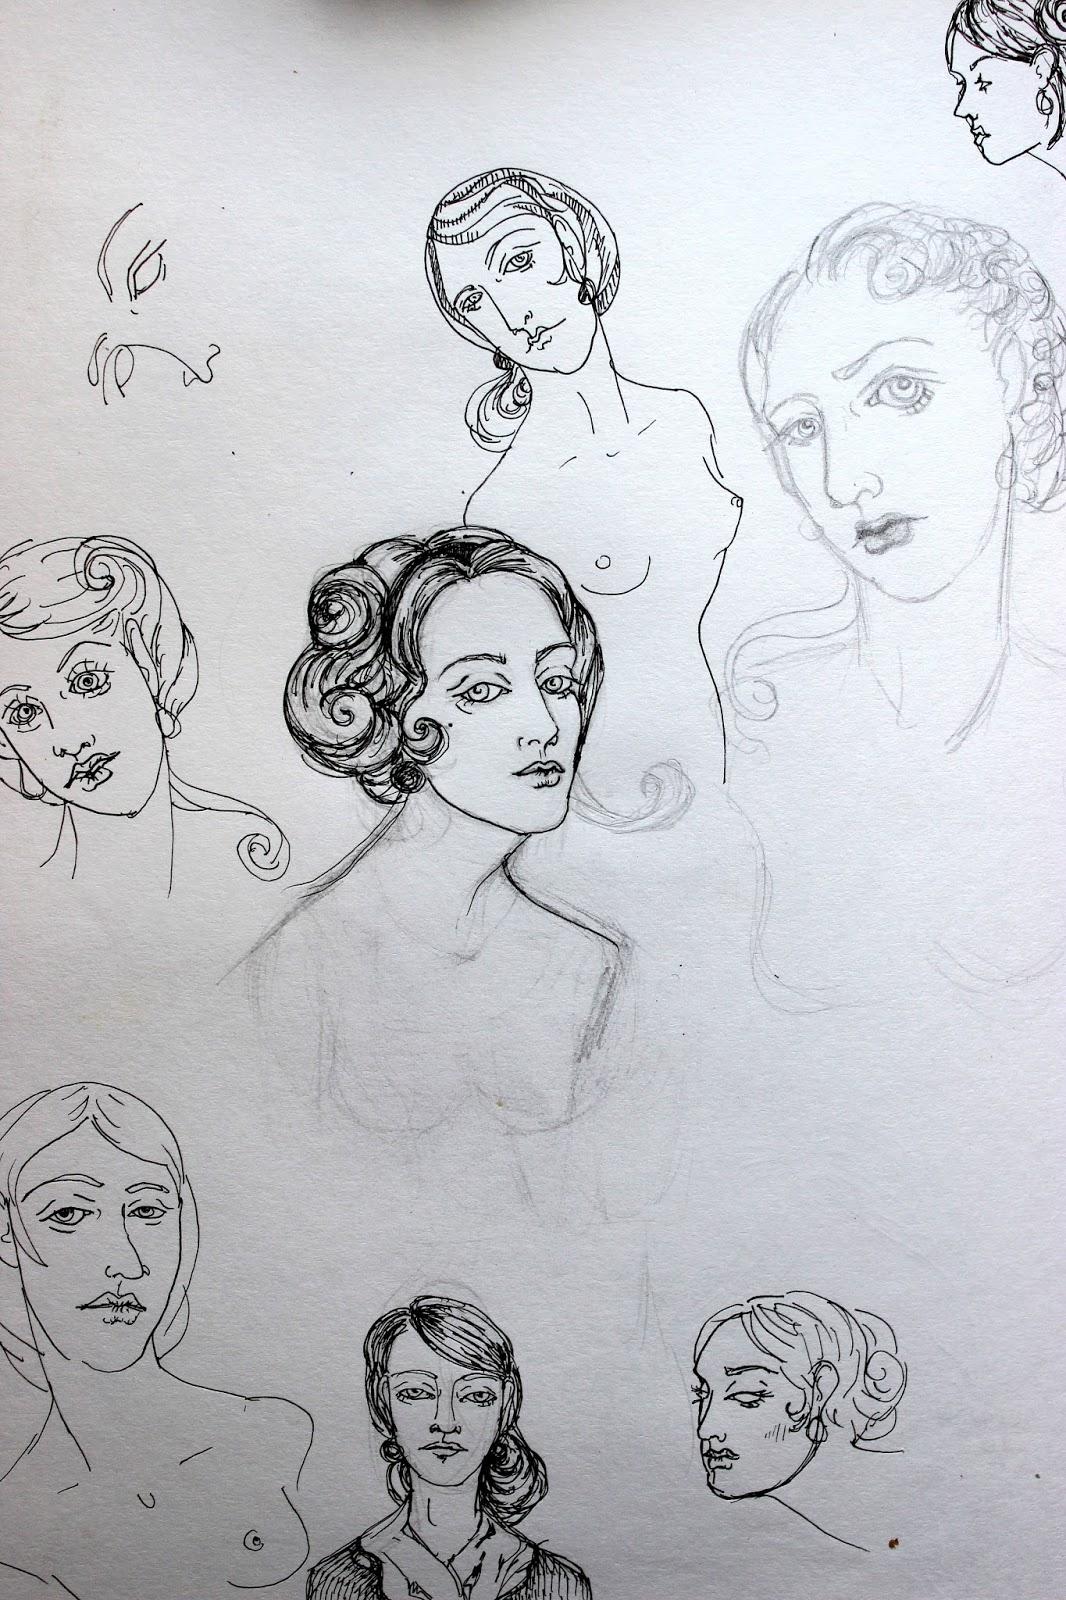 Sketchpad Notebook Sketch Drawing Pencil Ladies Nude